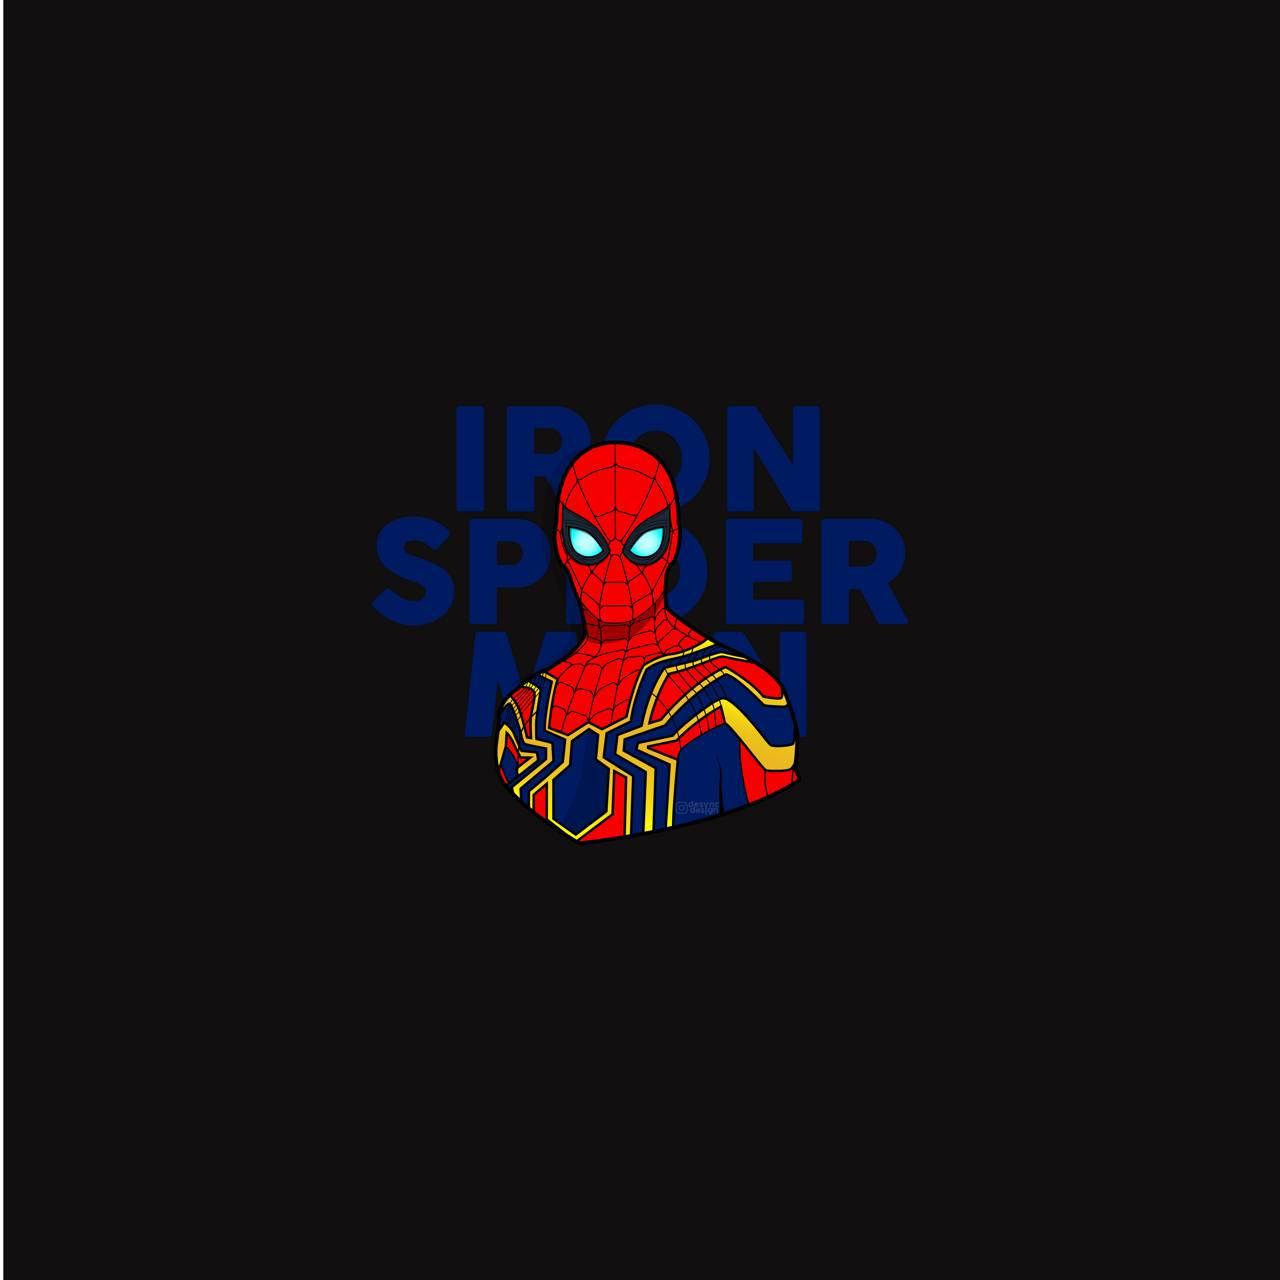 Iron Spider Man Blue